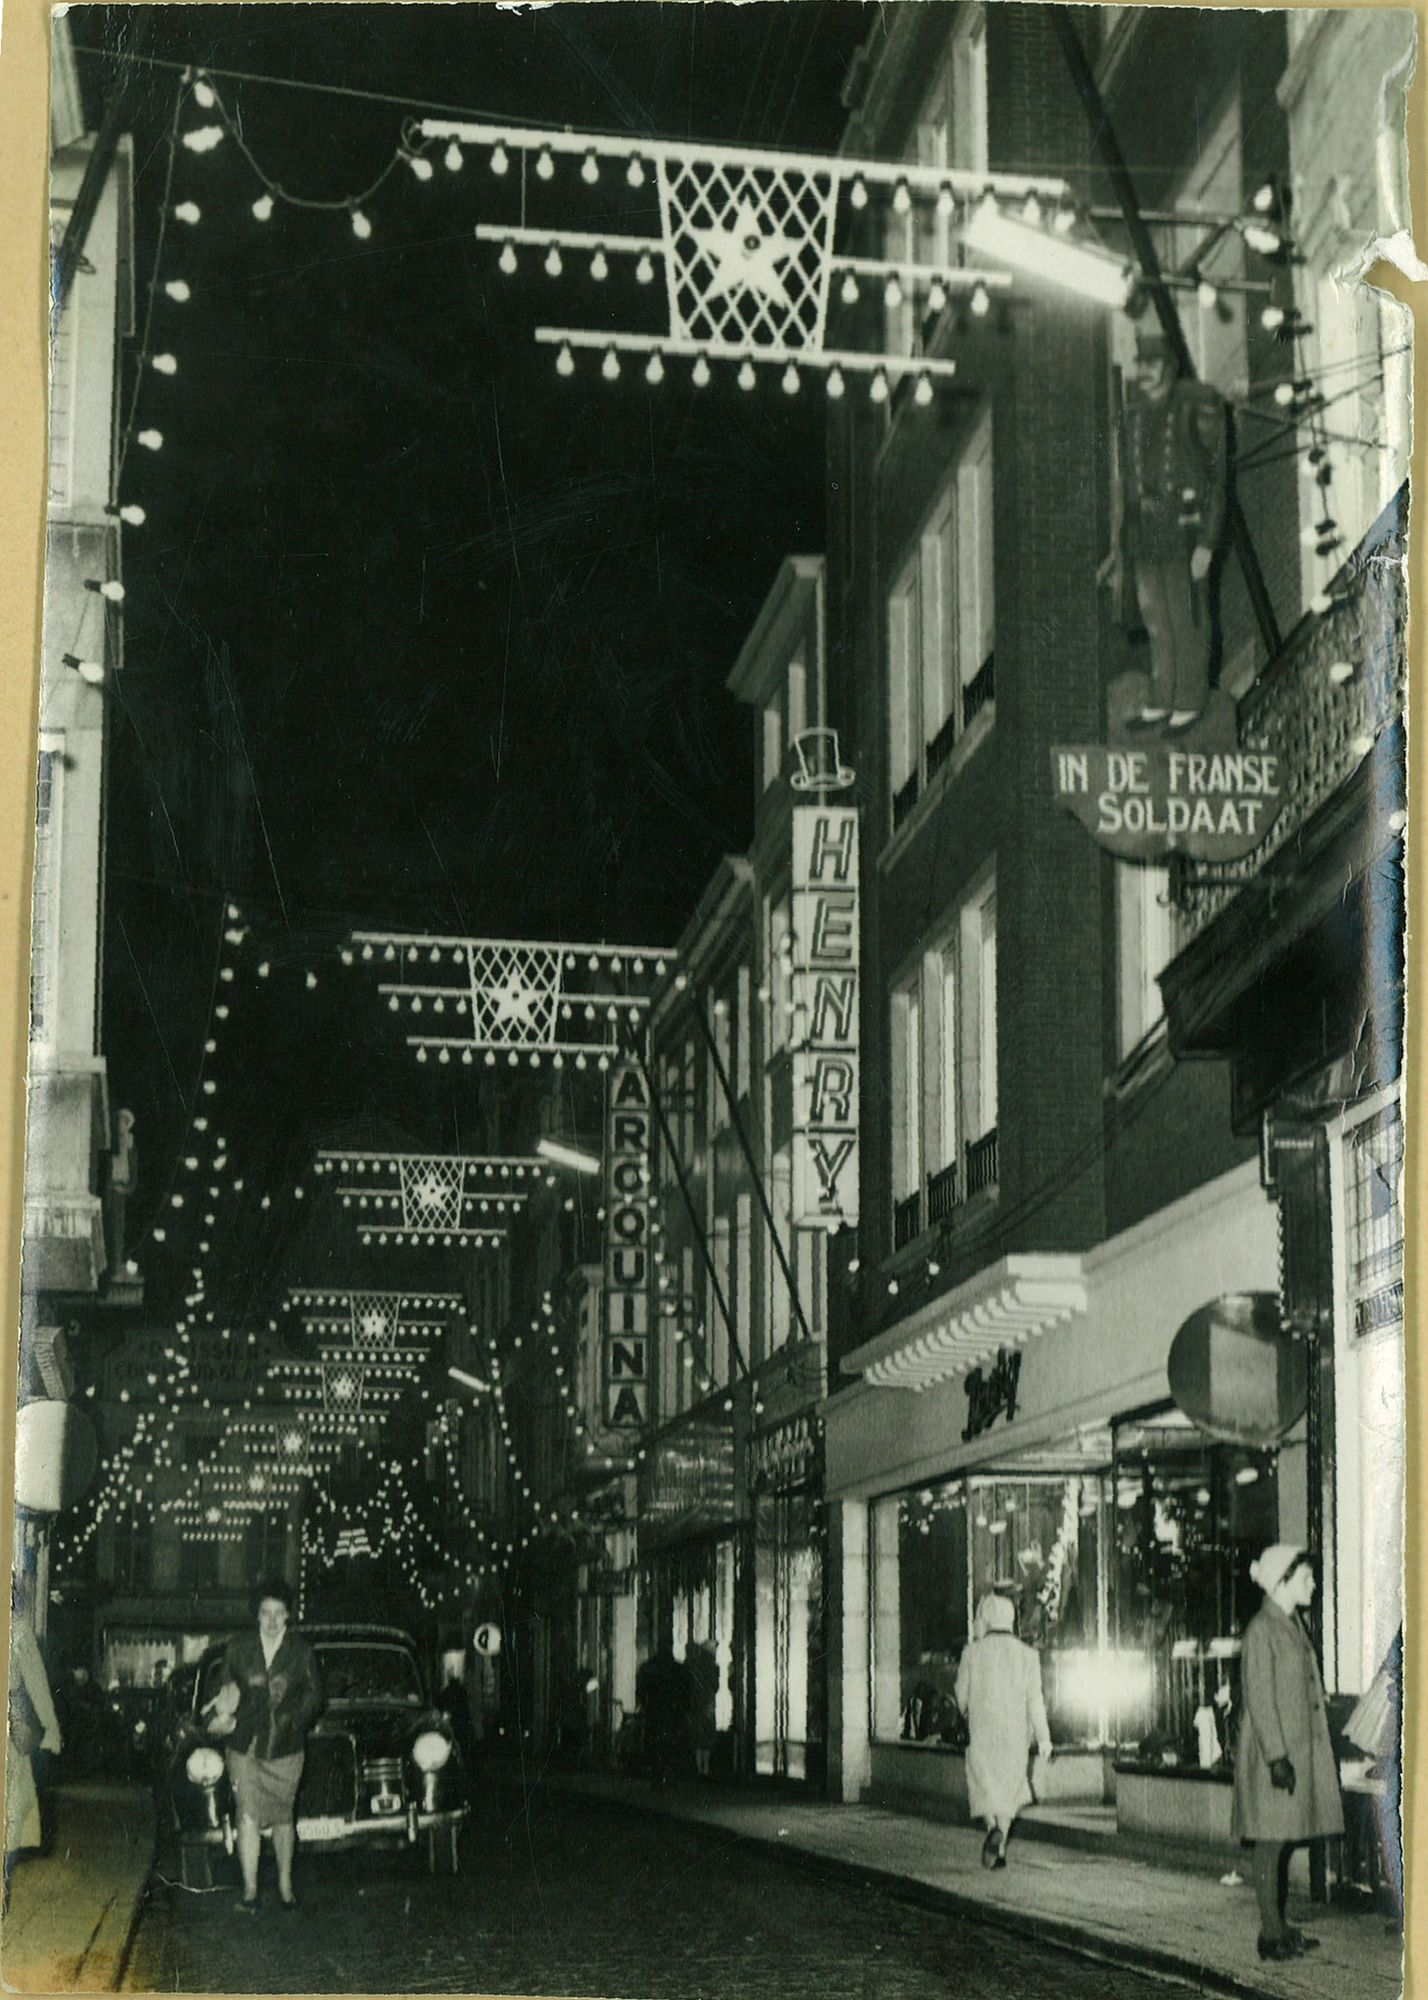 Korte Steenstraat (Shoppingstreet) kerstverlichting 1962